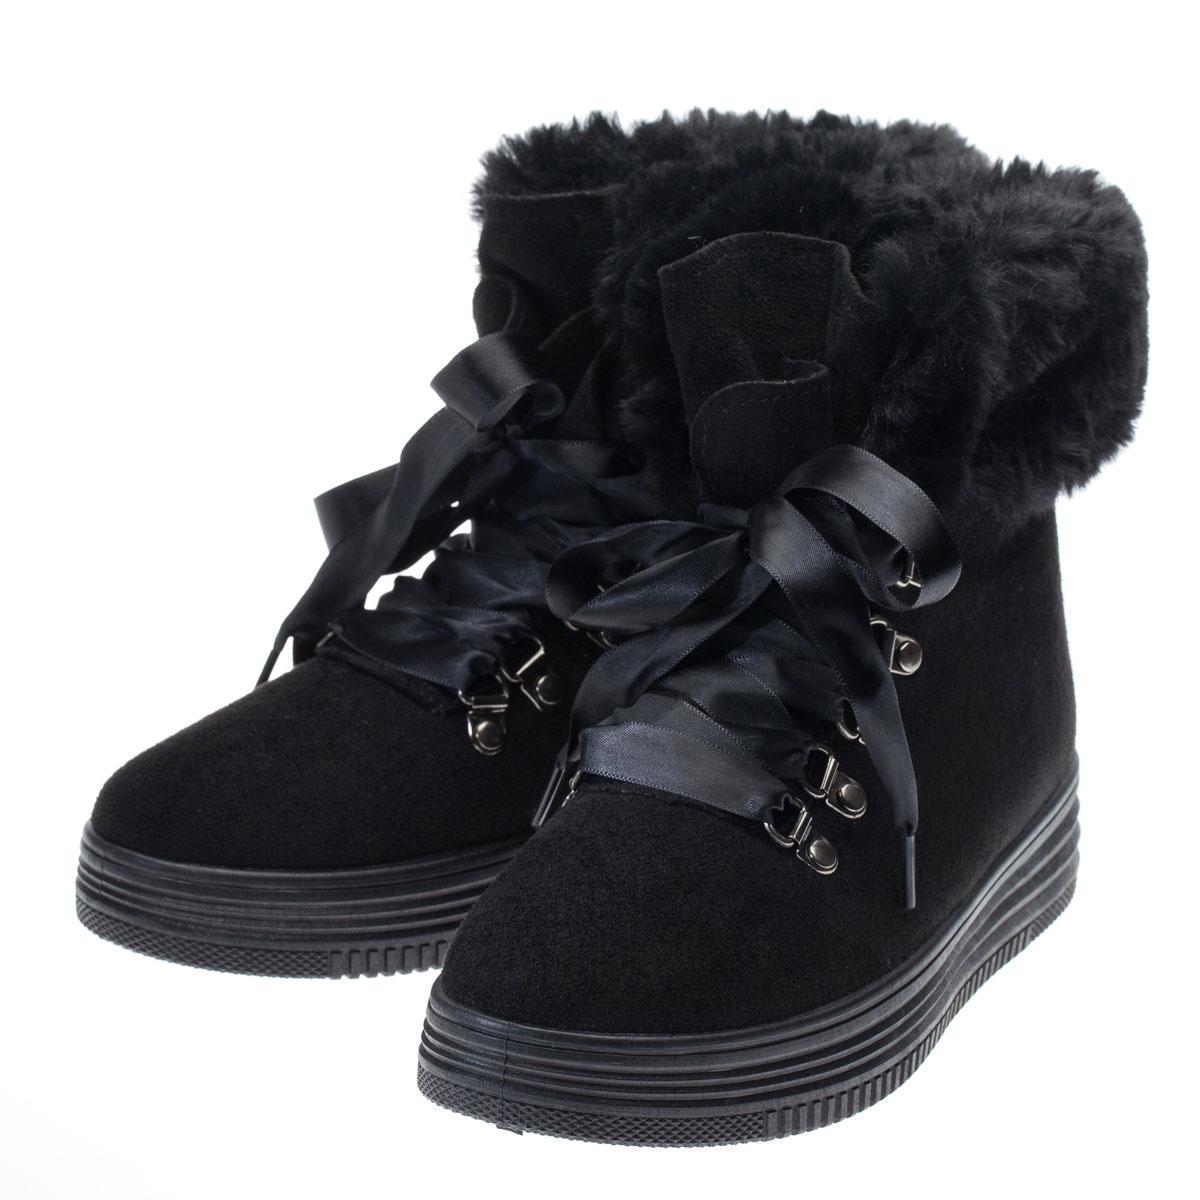 Ботинки демисезонные FERTO, N1804 демисезонные ботинки old beijing cloth shoes 156